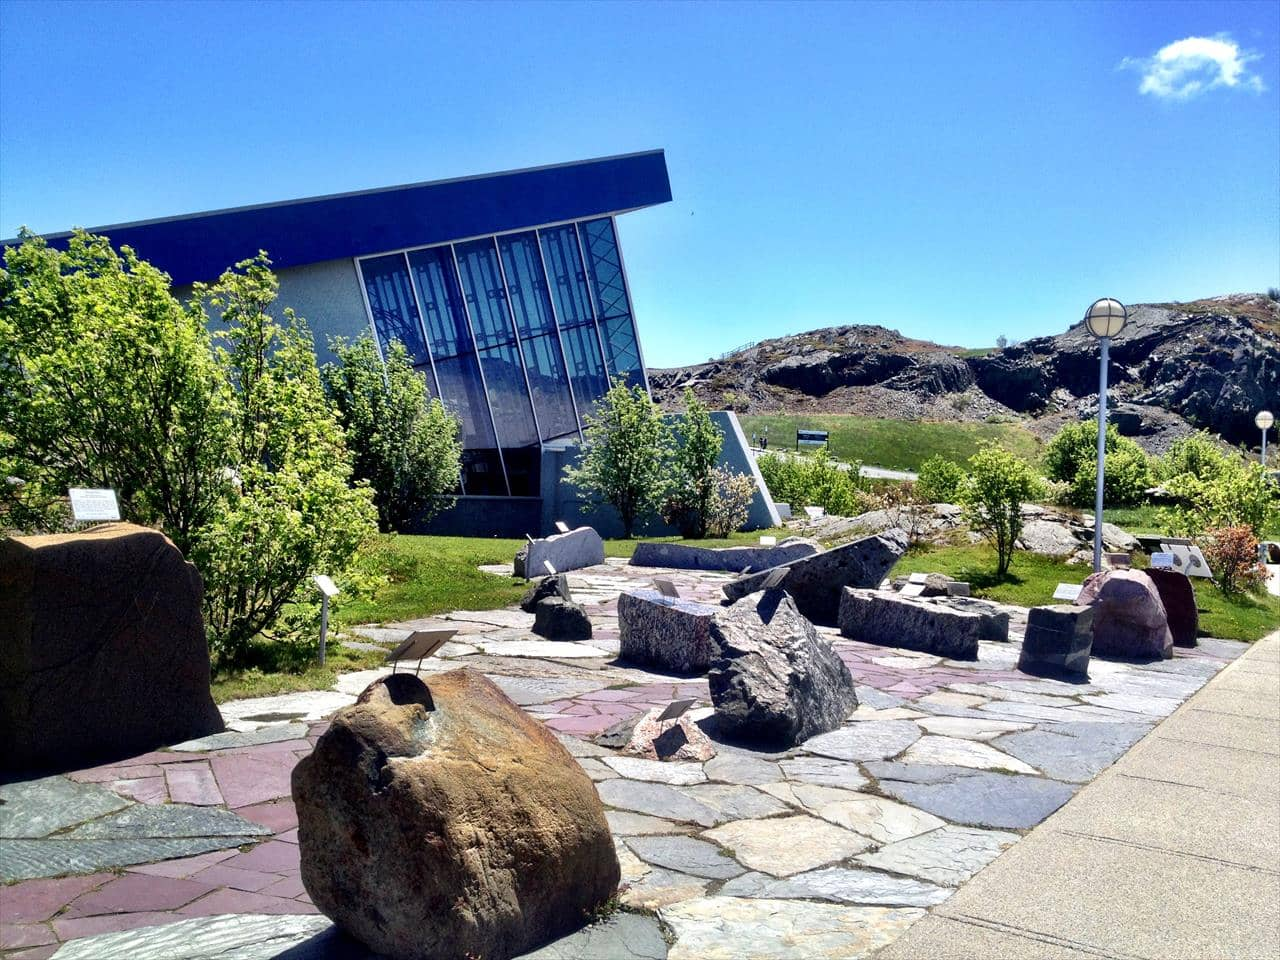 The Johnson Geo Centre, St. John's, Newfoundland and Labrador